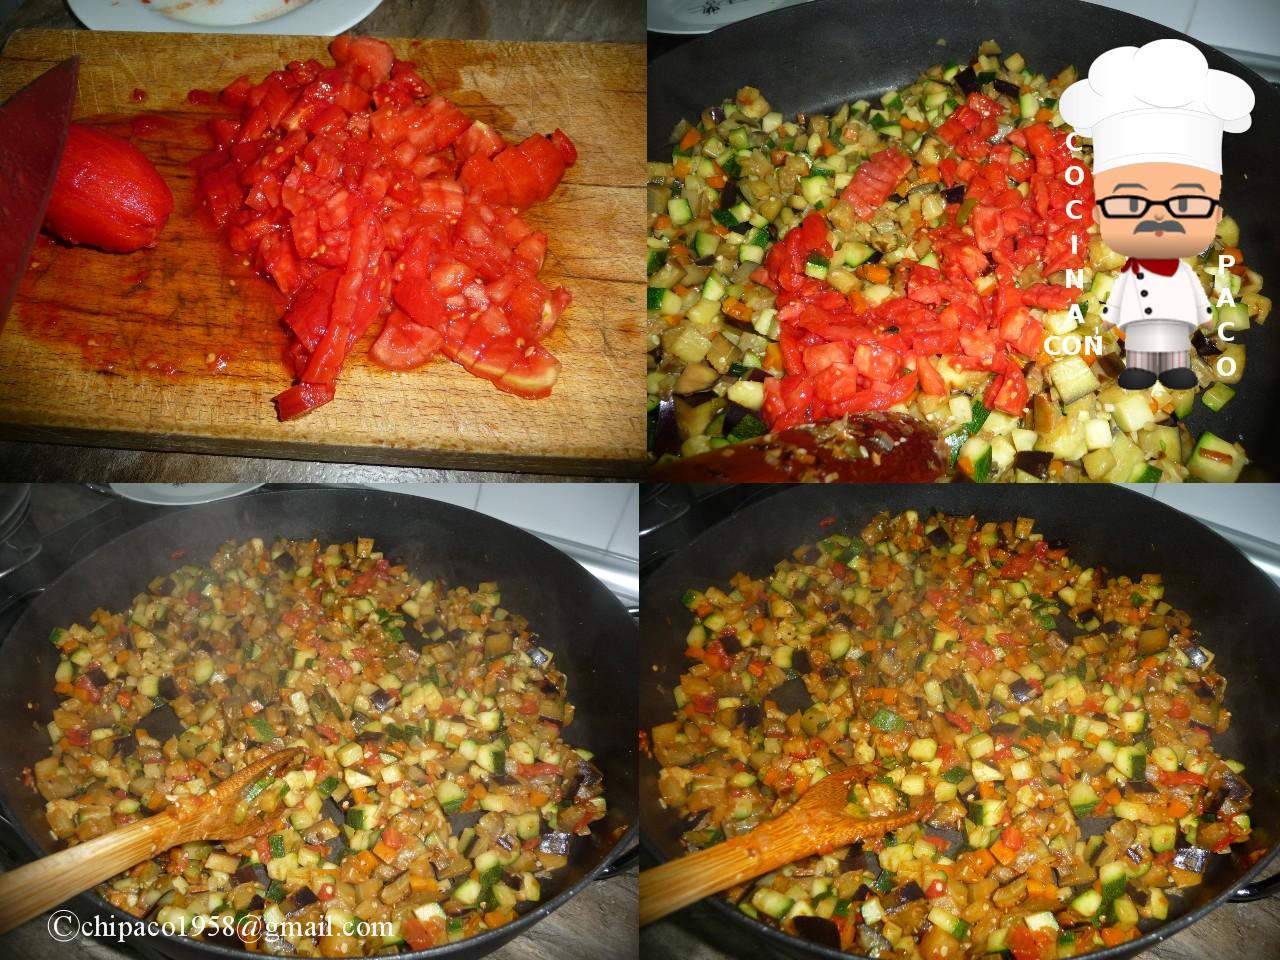 Cocina con paco arroz con berenjenas y calabac n light - Arroz con verduras light ...